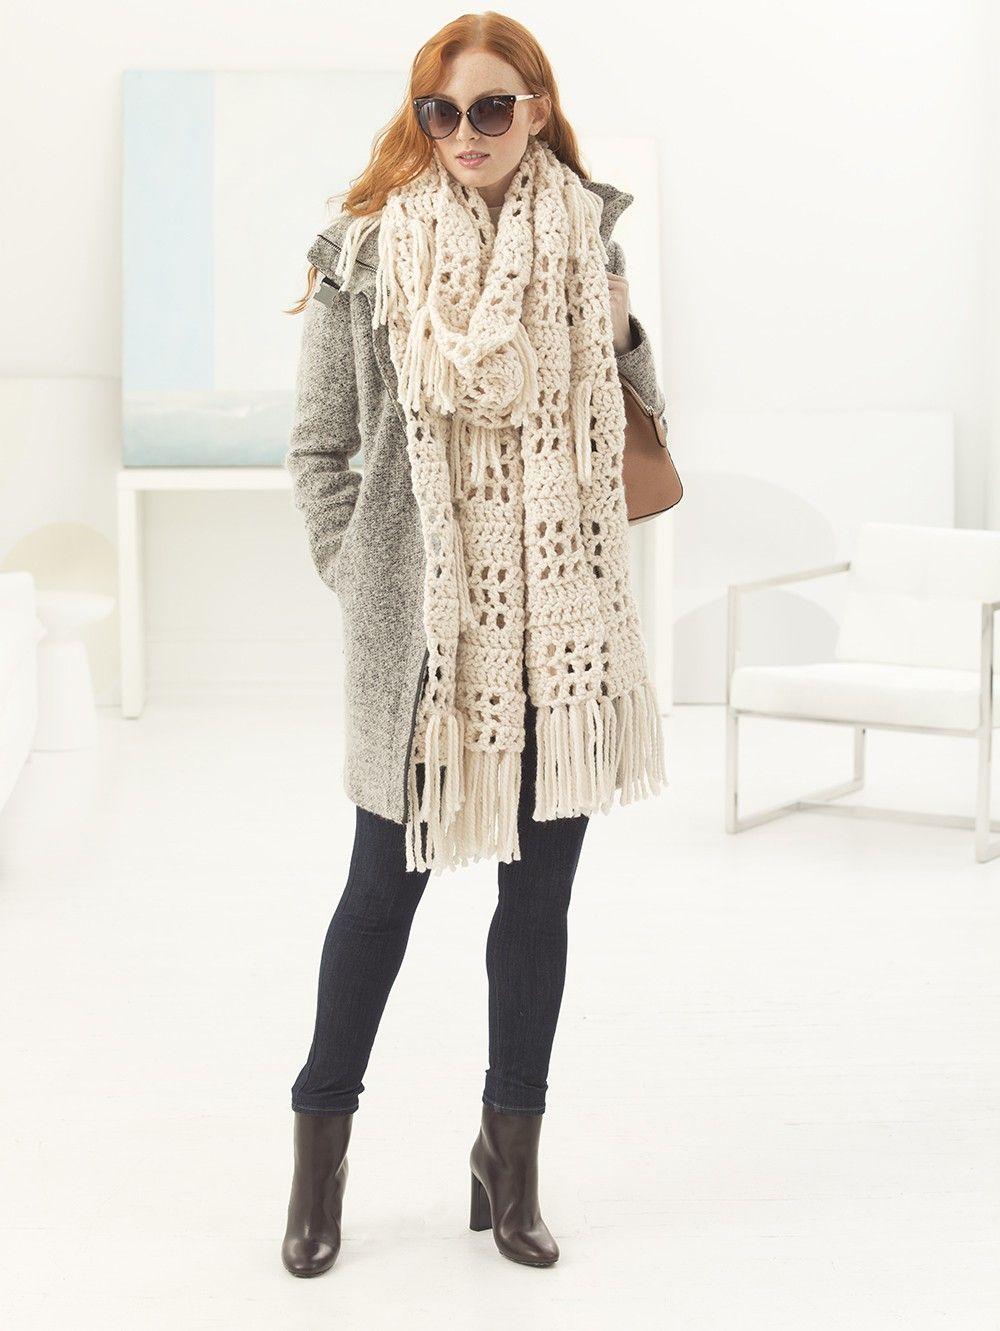 Lorelei Fringed Super Scarf (Crochet) - Lion Brand Yarn | Crochet ...